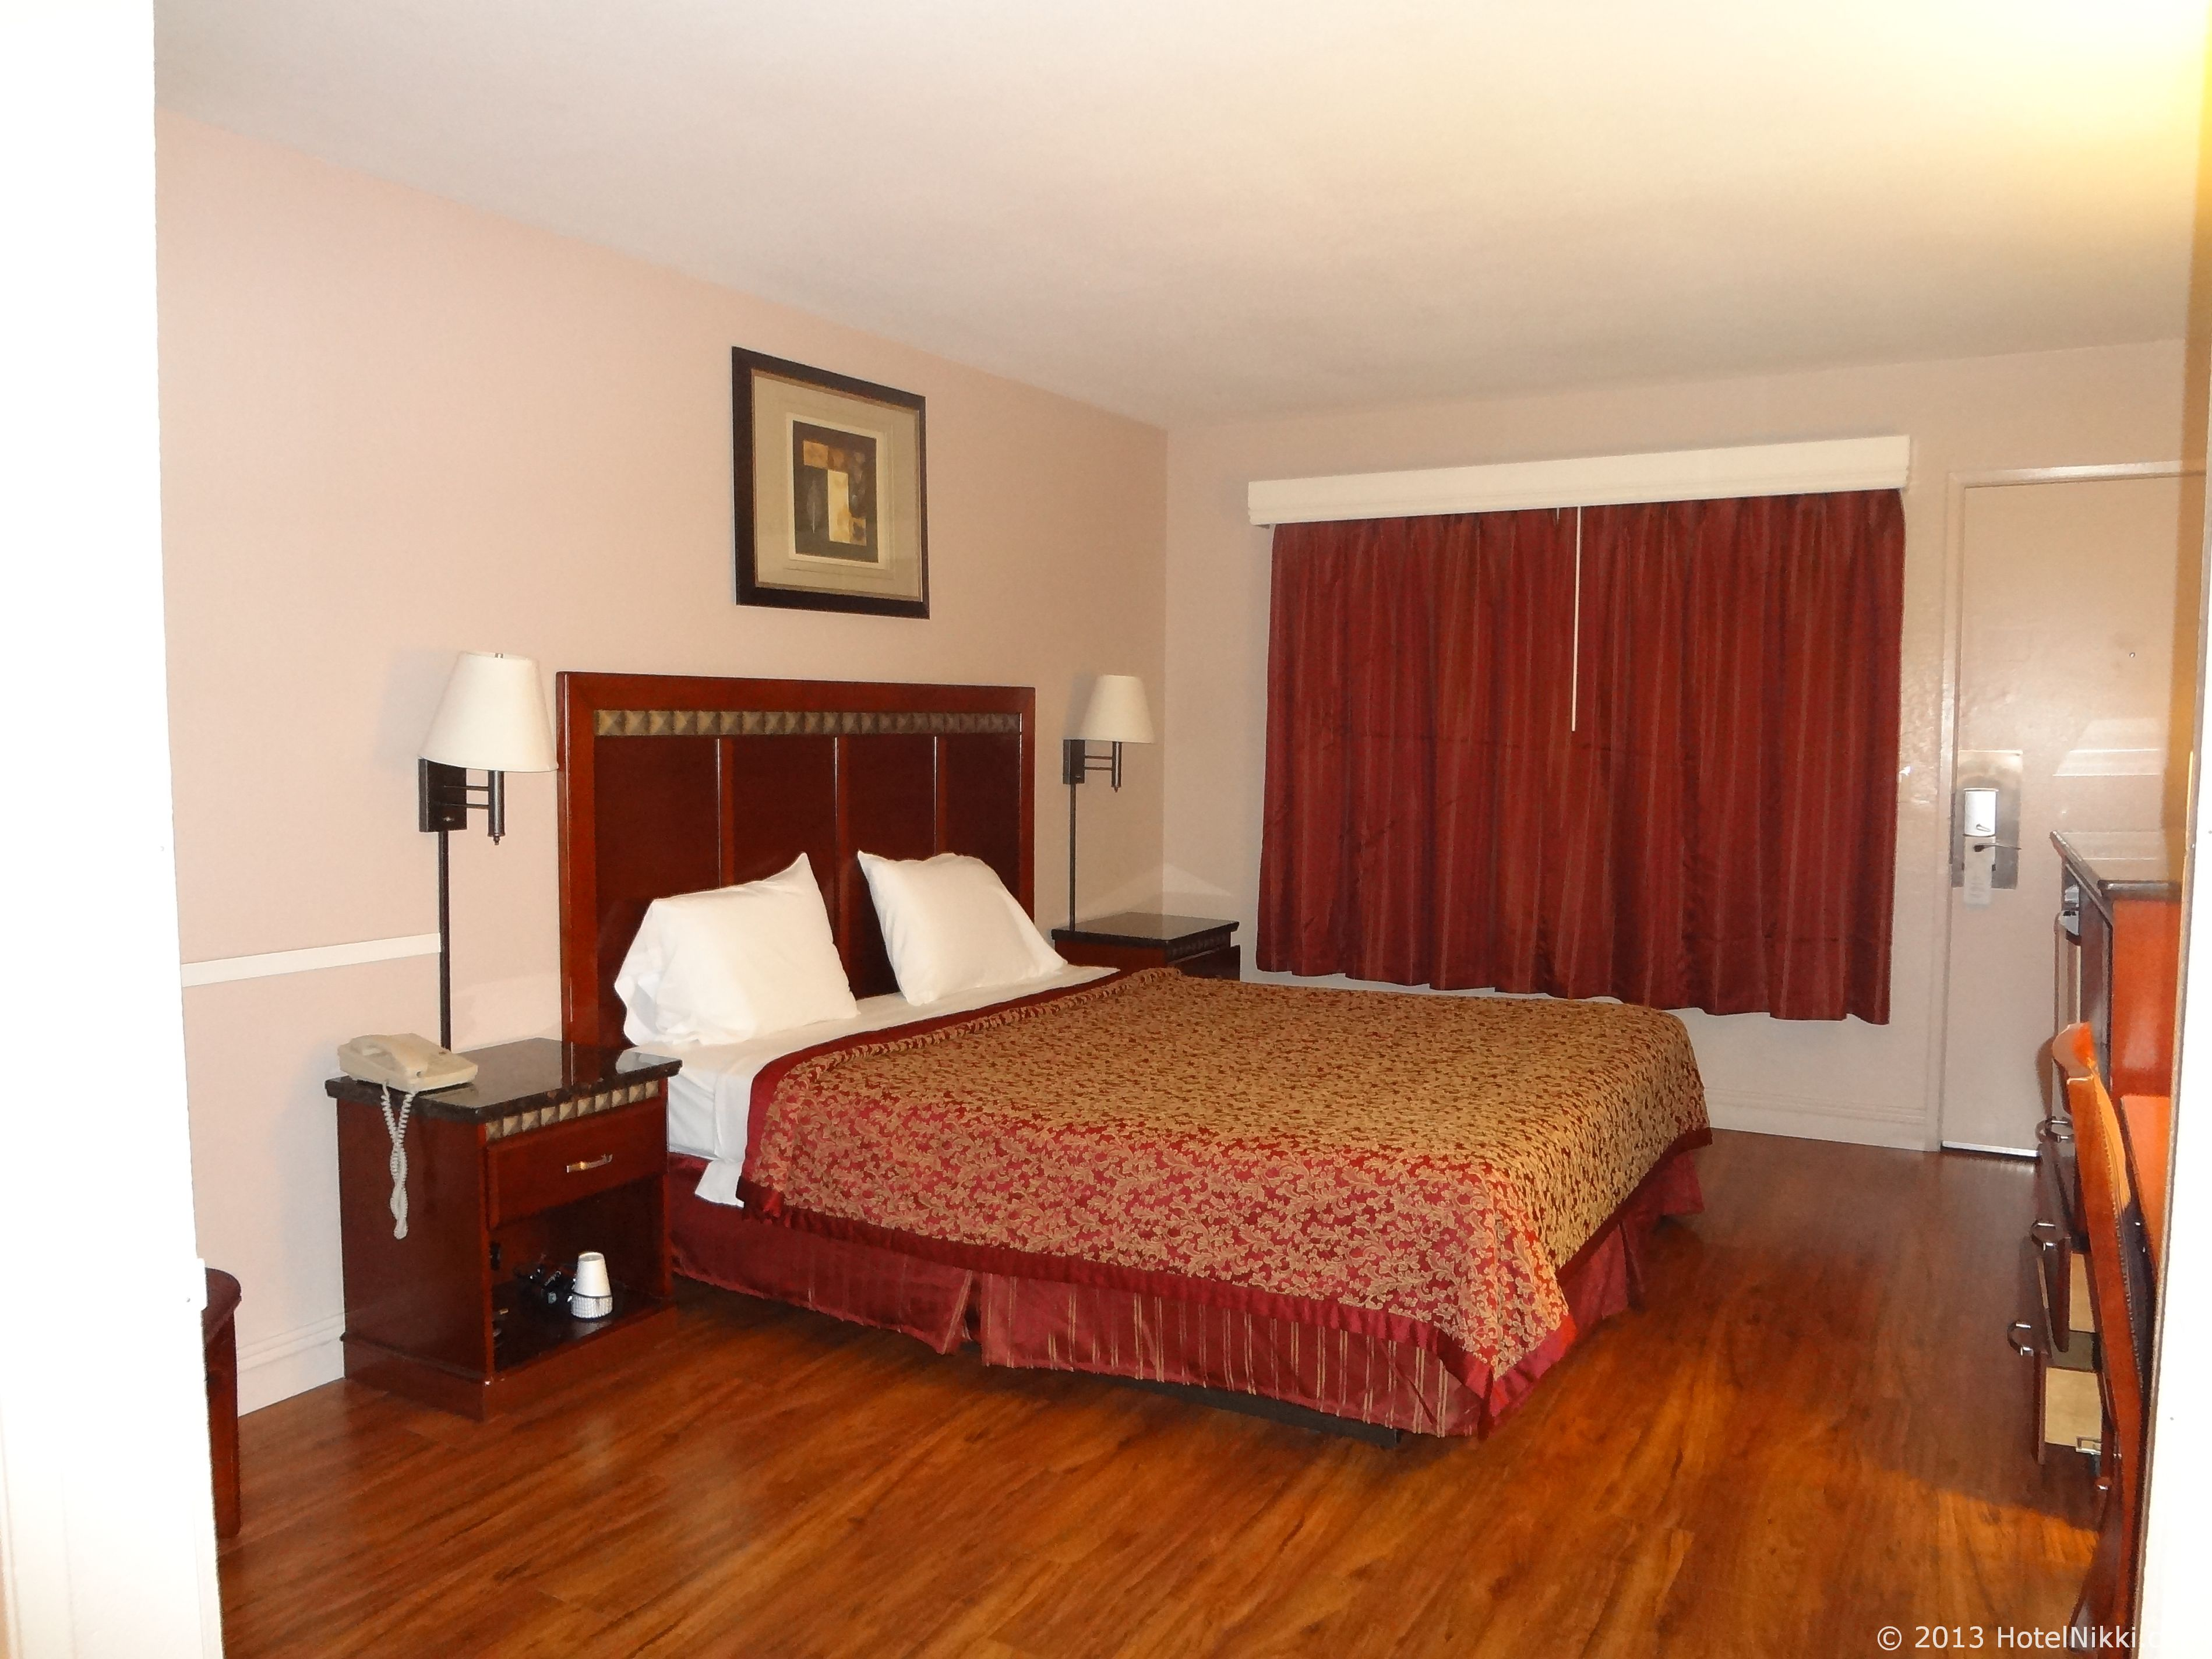 Knights Inn Anaheim 客室